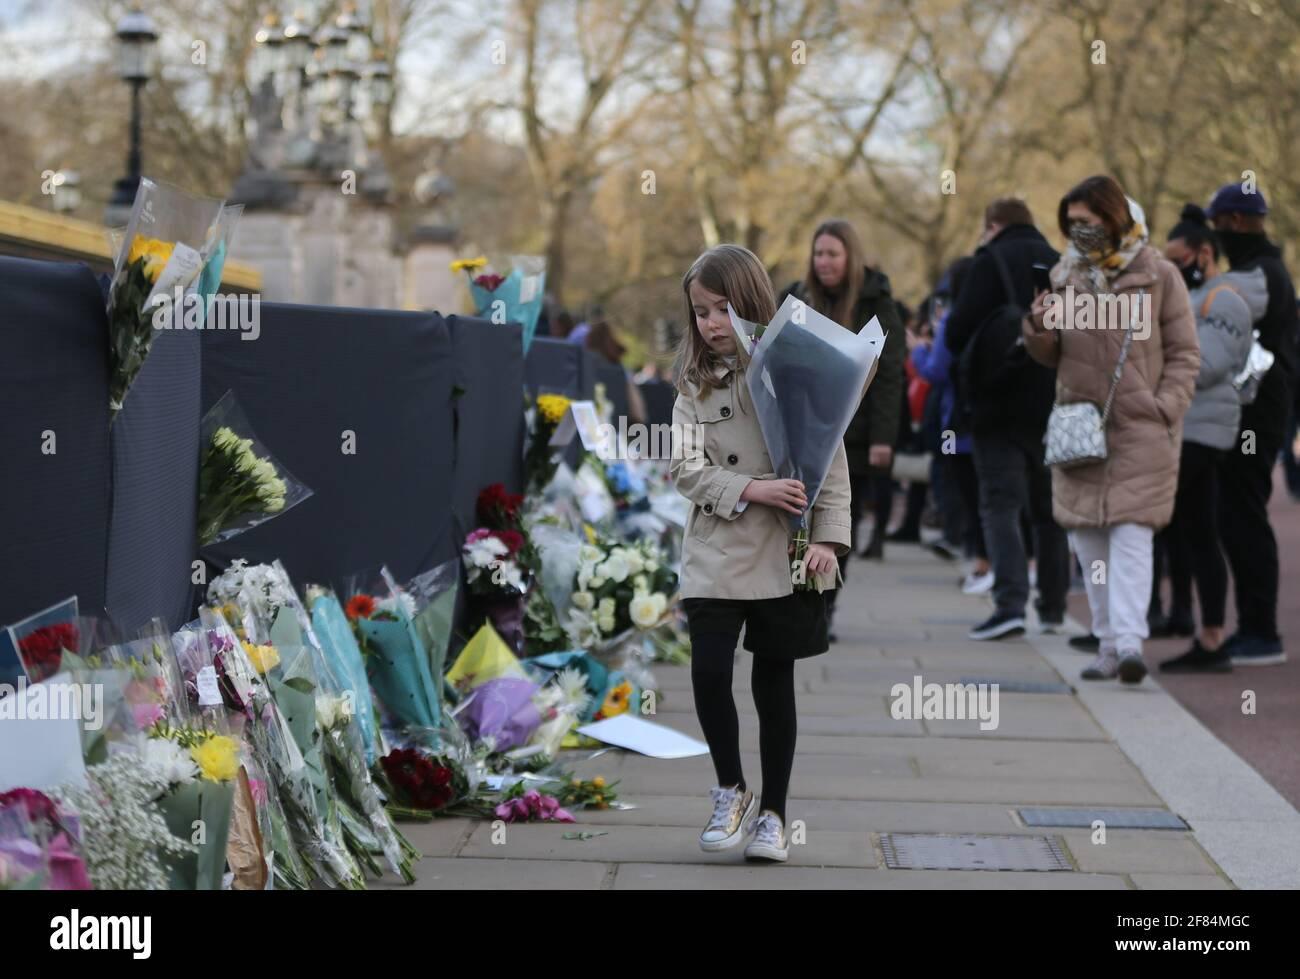 Londres, Angleterre, Royaume-Uni. 11 avril 2021. Eh bien=les wishers continuent de laisser des fleurs et des messages pour le prince Philip du duc d'Édimbourg devant Buckingham Palace malgré la demande de la famille royale de faire un don à la charité plutôt. Credit: Tayfun Salci/ZUMA Wire/Alay Live News Banque D'Images